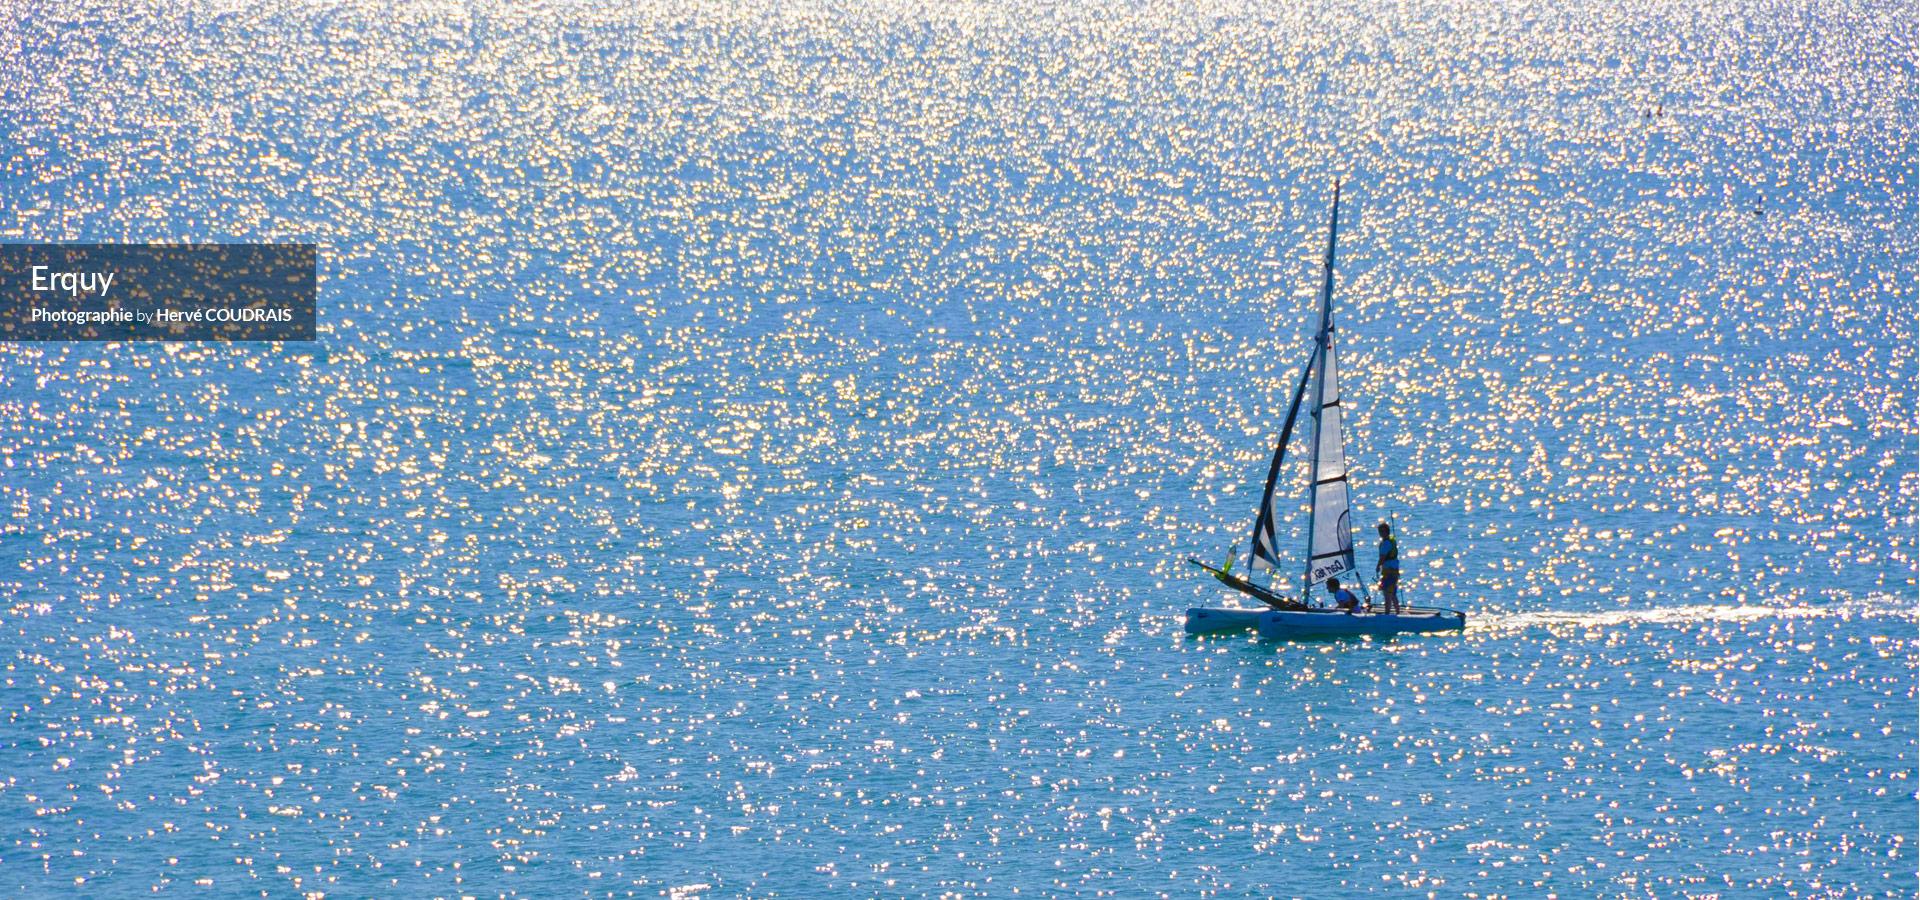 Cap Erquy (photographie Hervé Coudrais, le port d'Erquy, Caroual, le phare d'Erquy, tourisme, Côtes d'Armor, Bretagne...)